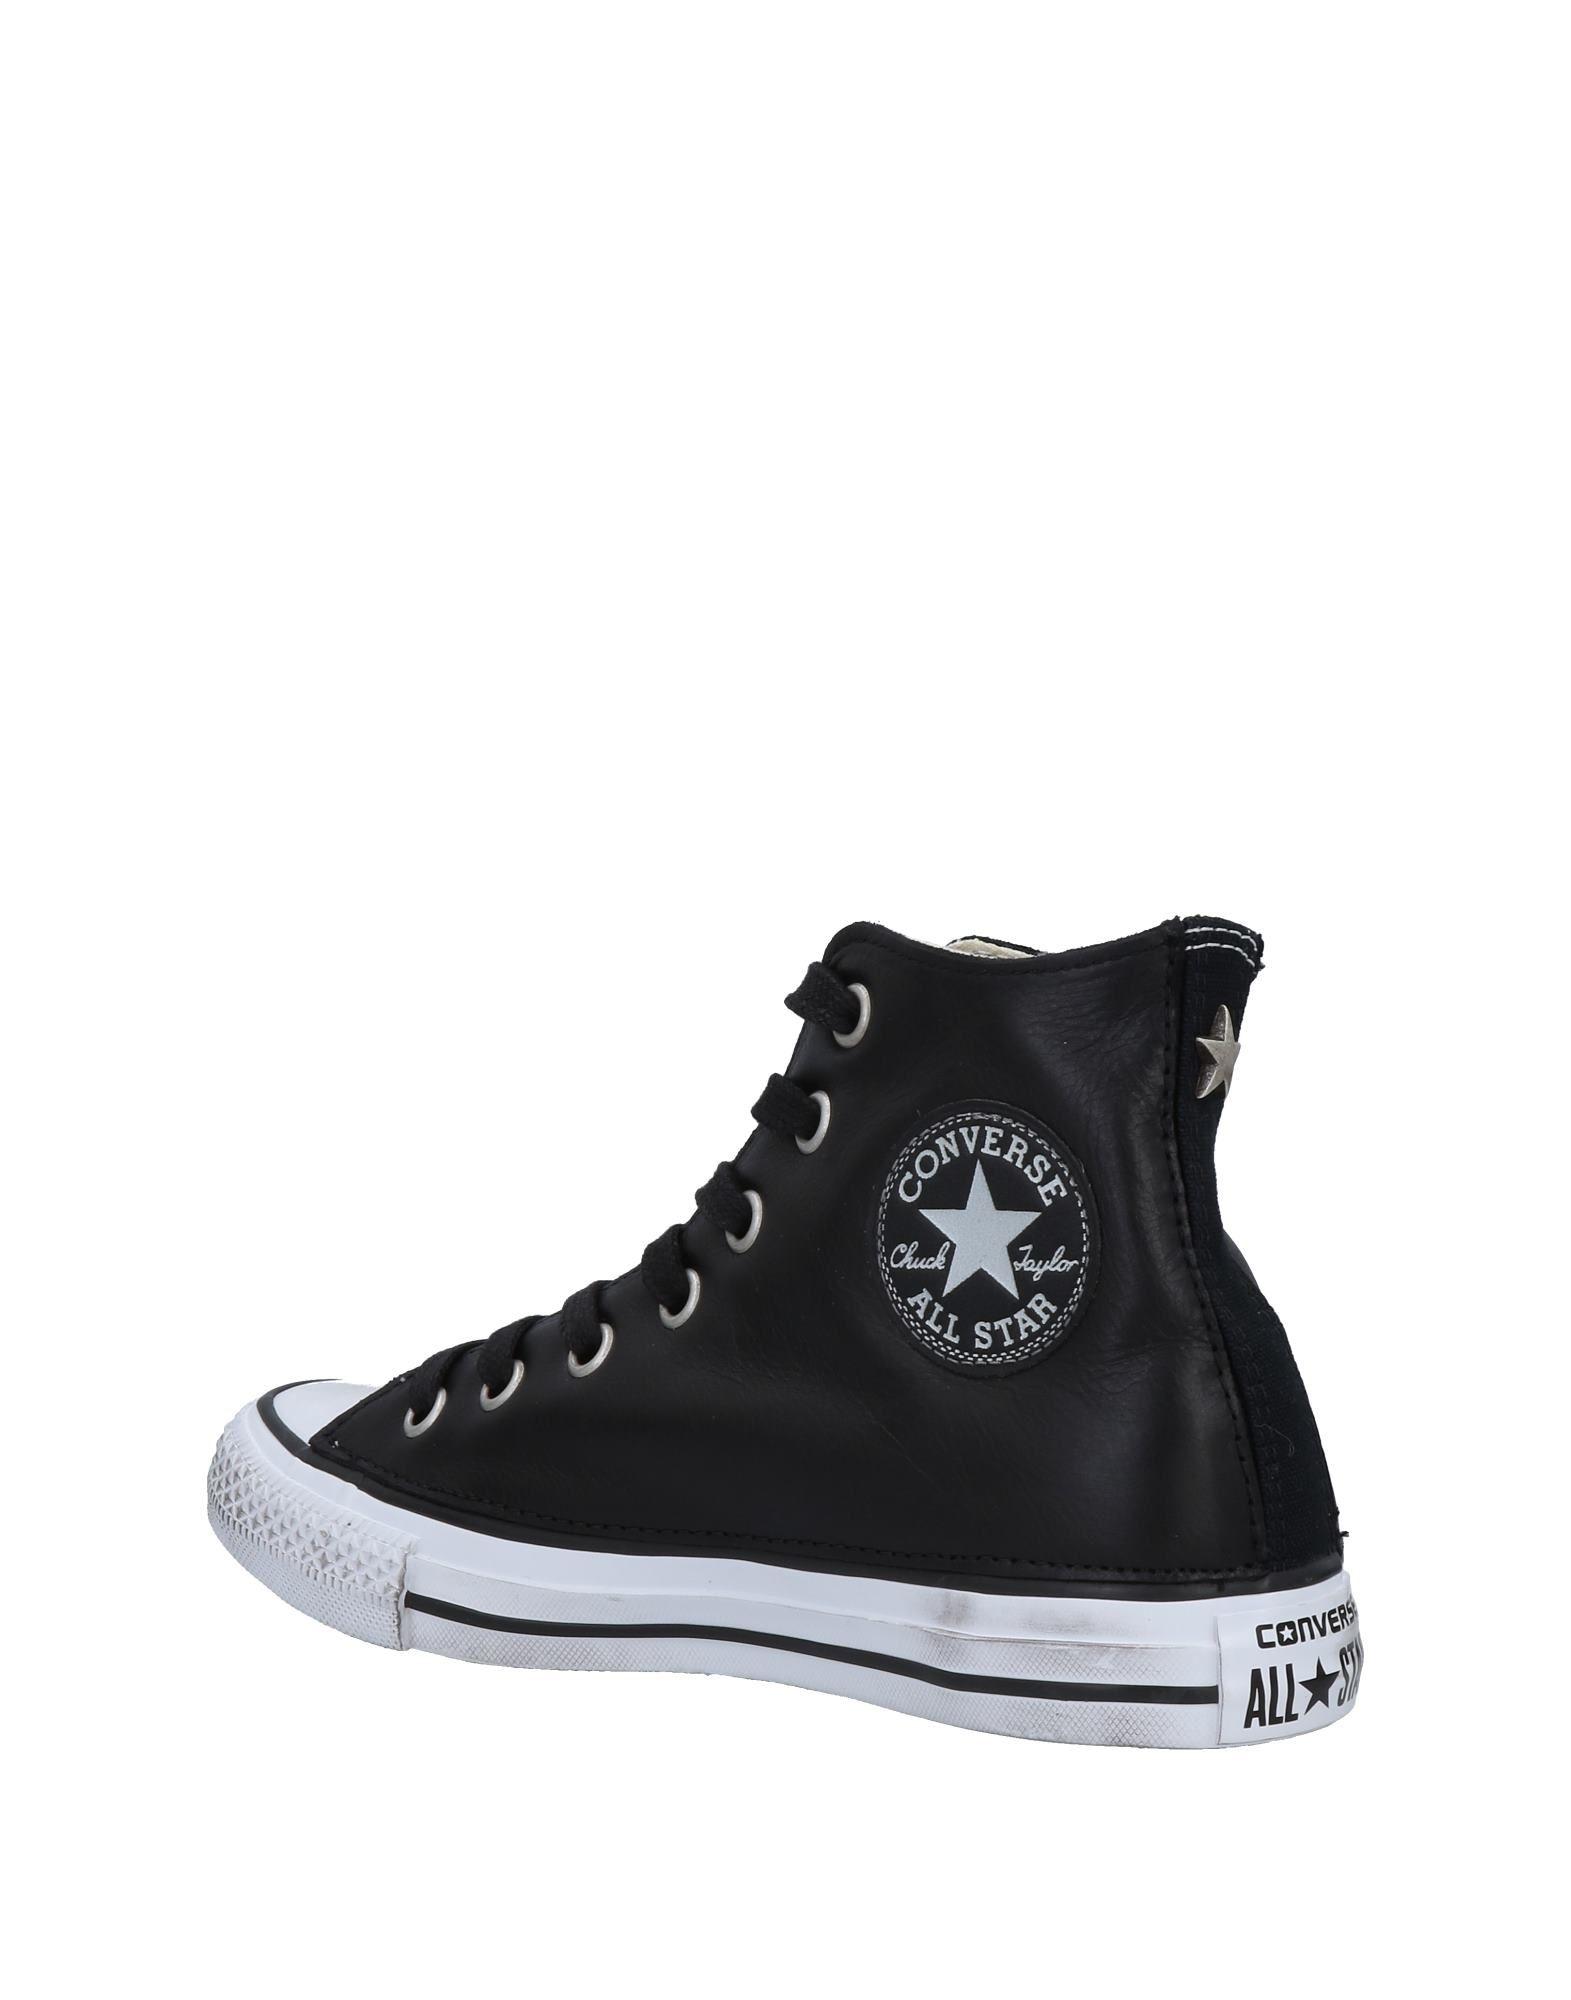 Converse All Star Sneakers beliebte Damen  11492877KF Gute Qualität beliebte Sneakers Schuhe 04e02c